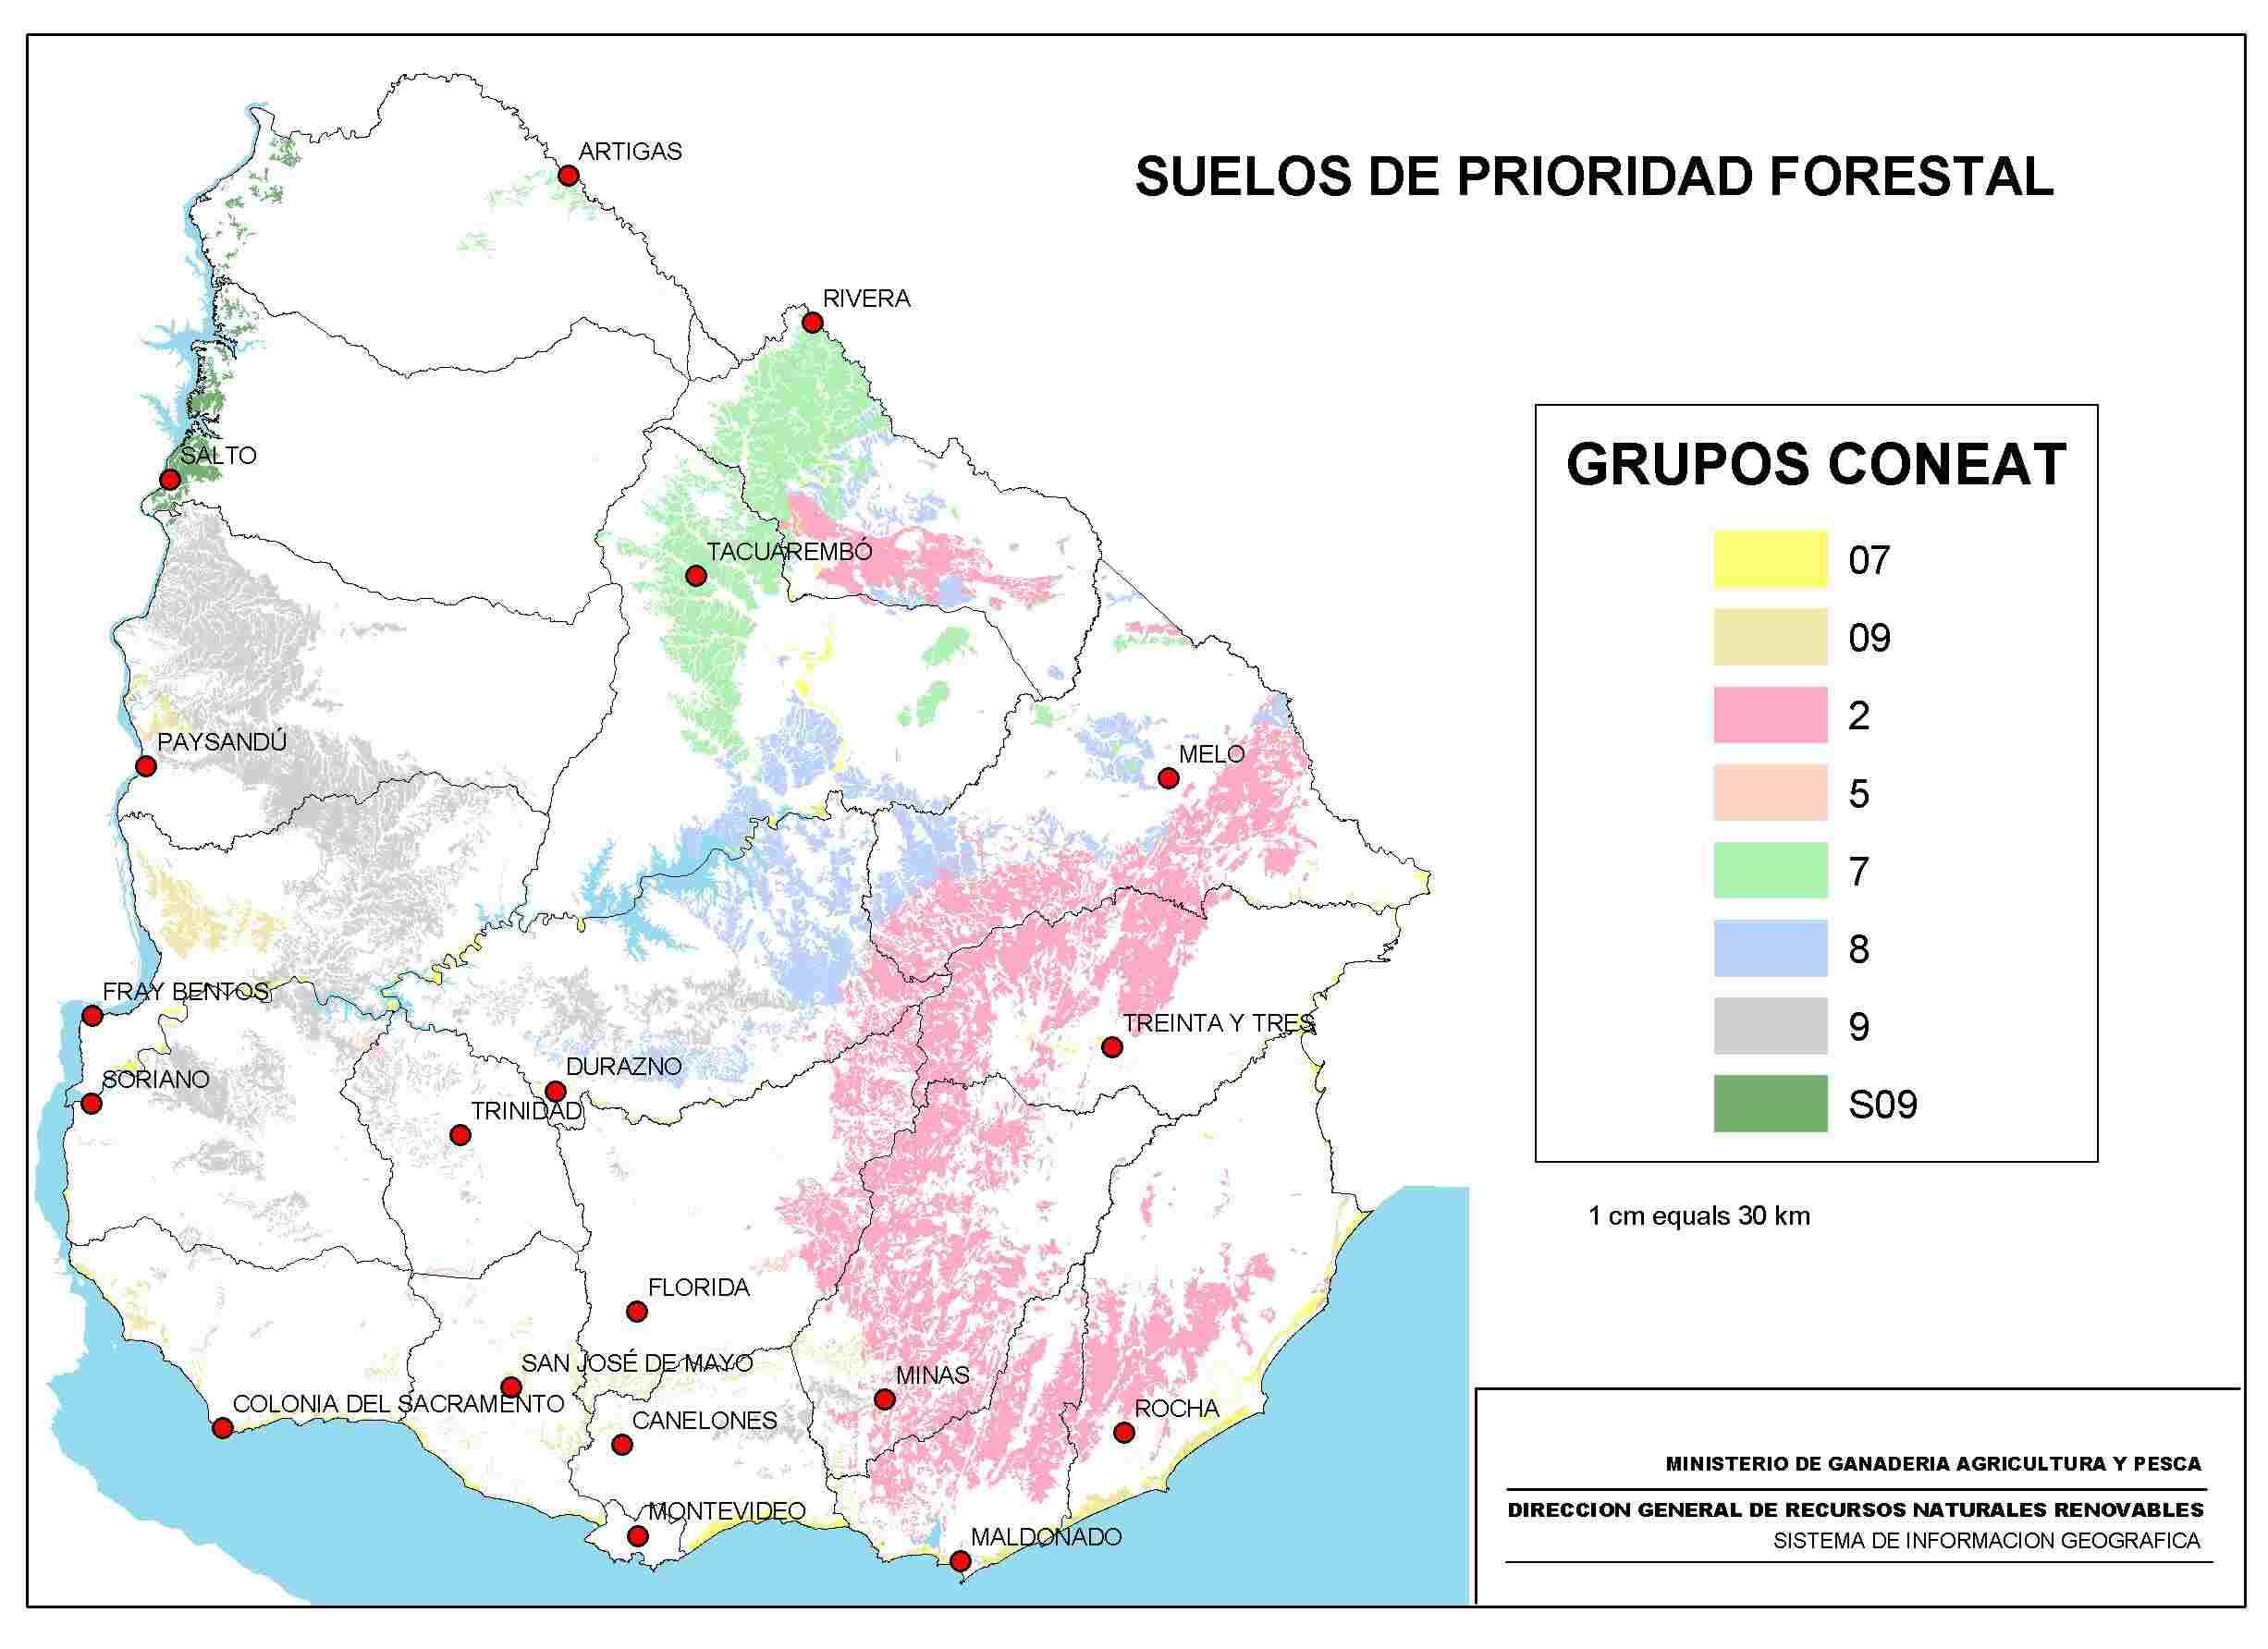 Uruguay prioridad forestal suelos mapa